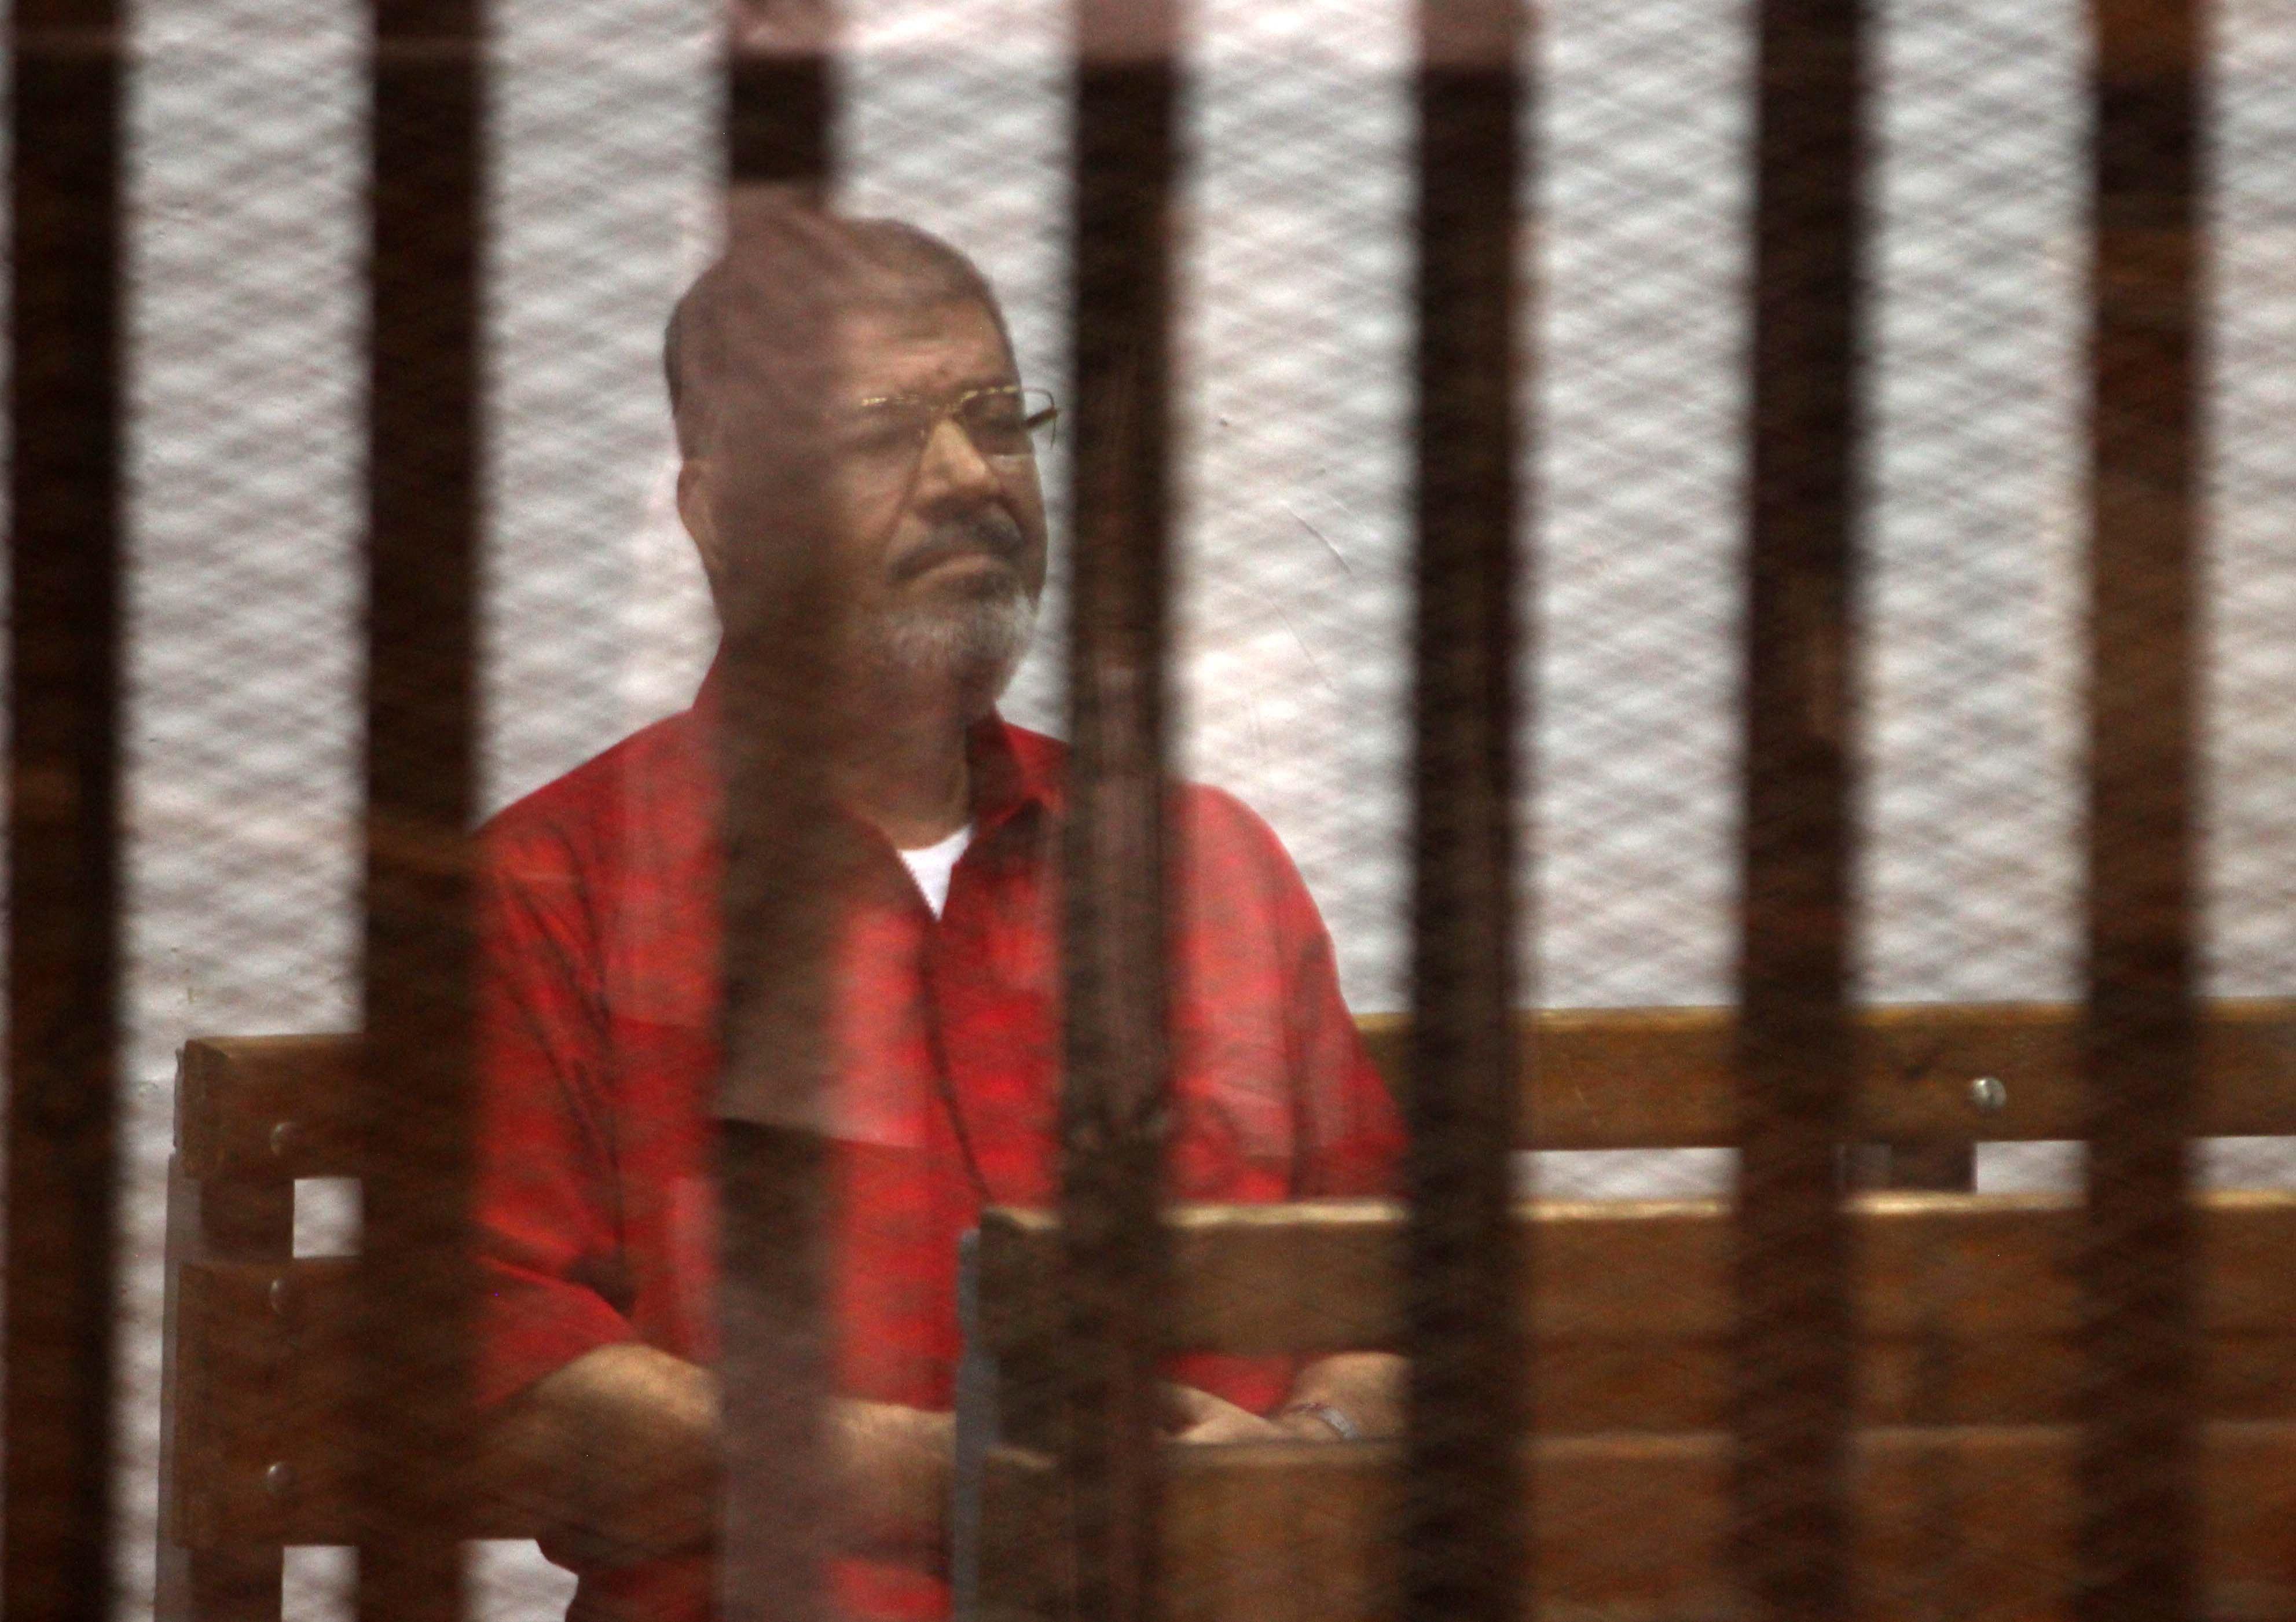 الأسباب القانونية التي أنقذت «مرسي» من الإعدام .. تعرّف عليها